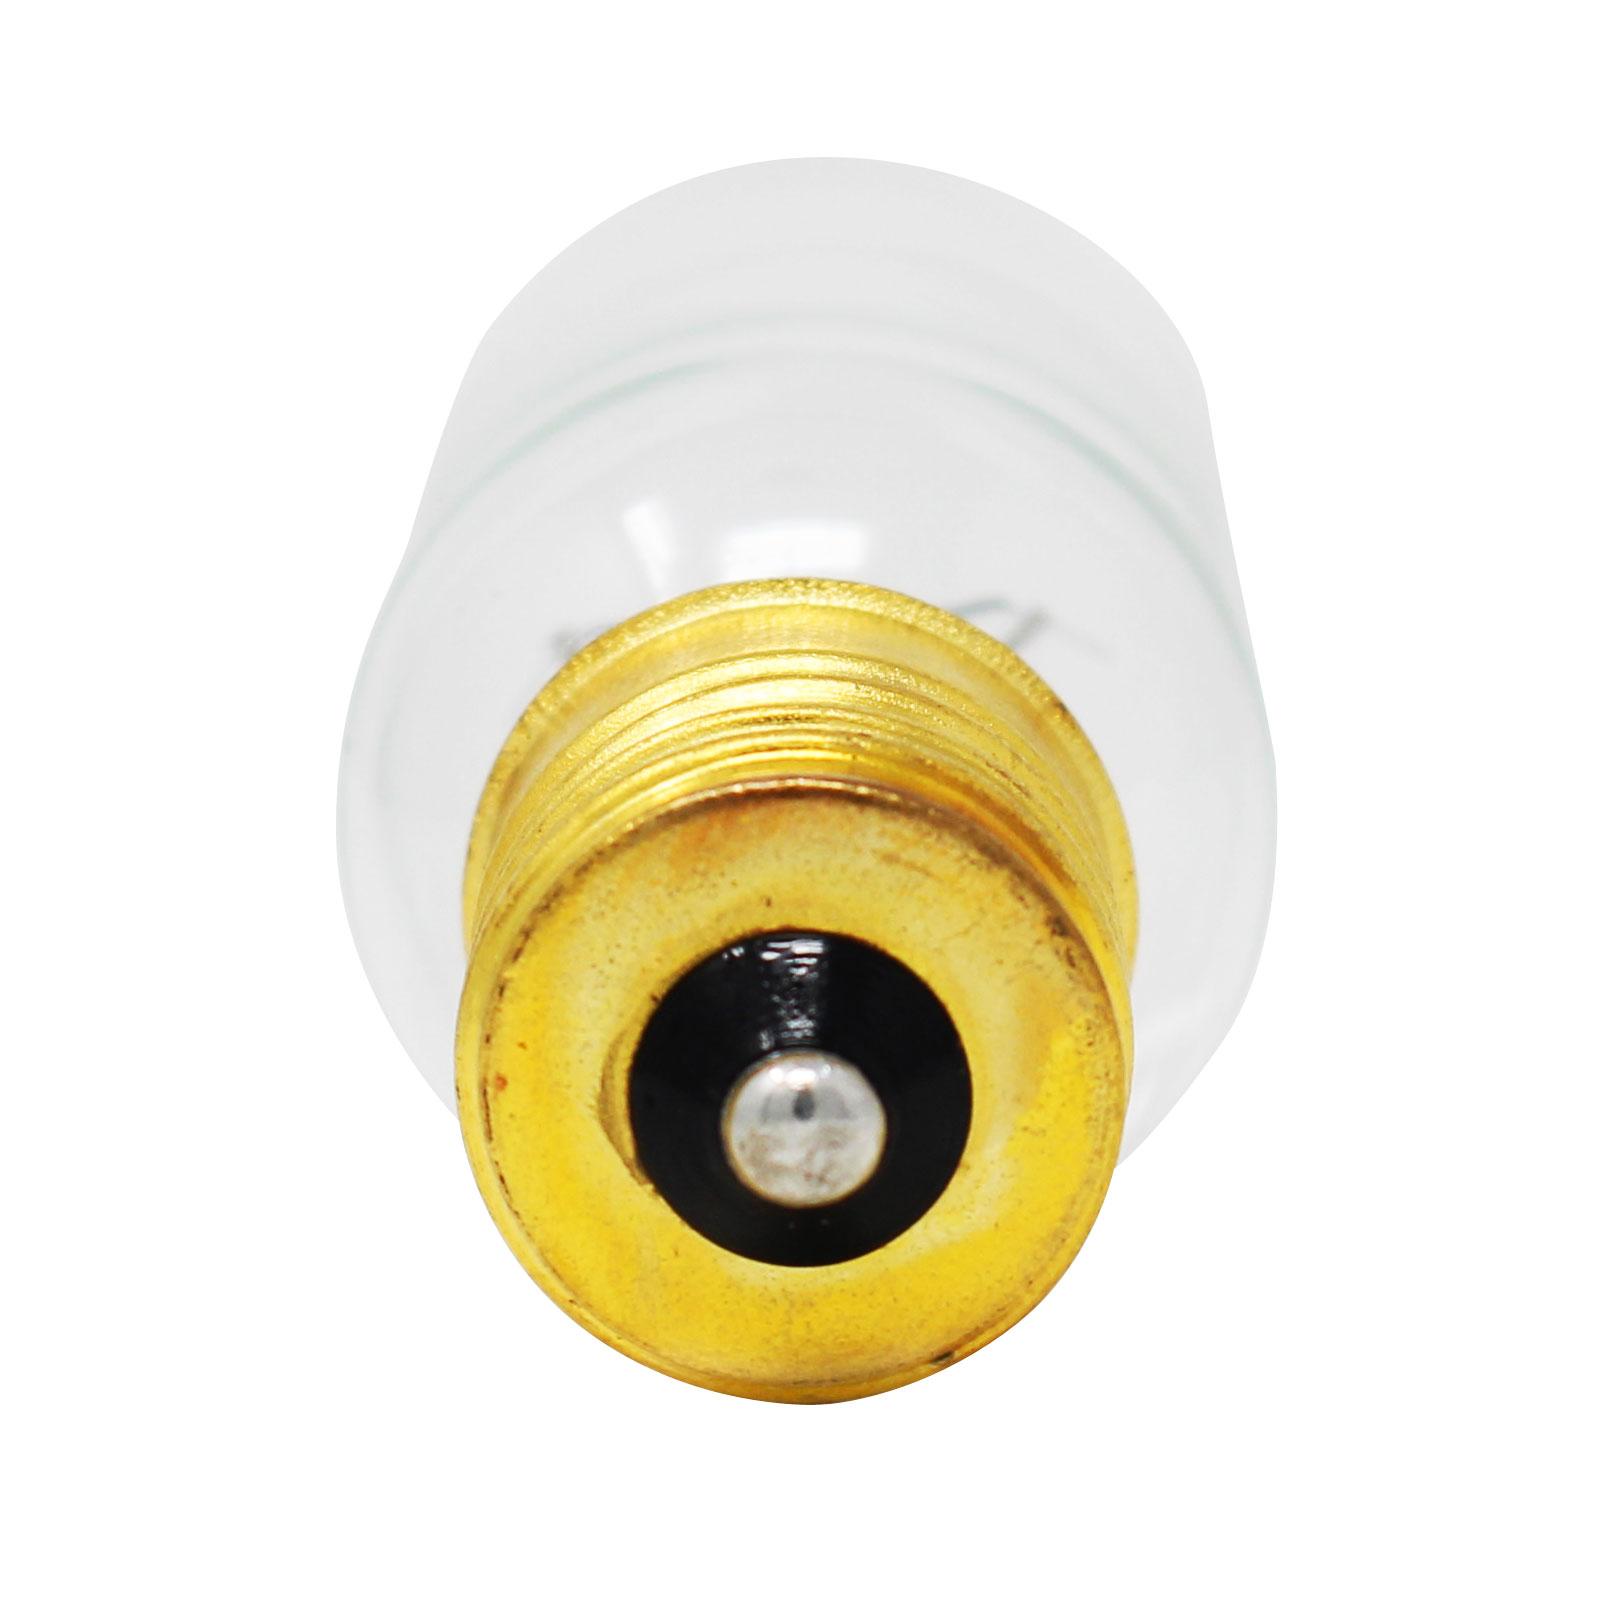 Details about 2-Pack Light Bulb for LG LMV2031ST, LMV1831ST, LMH2016ST,  LMV1680BB, LMVM2085ST